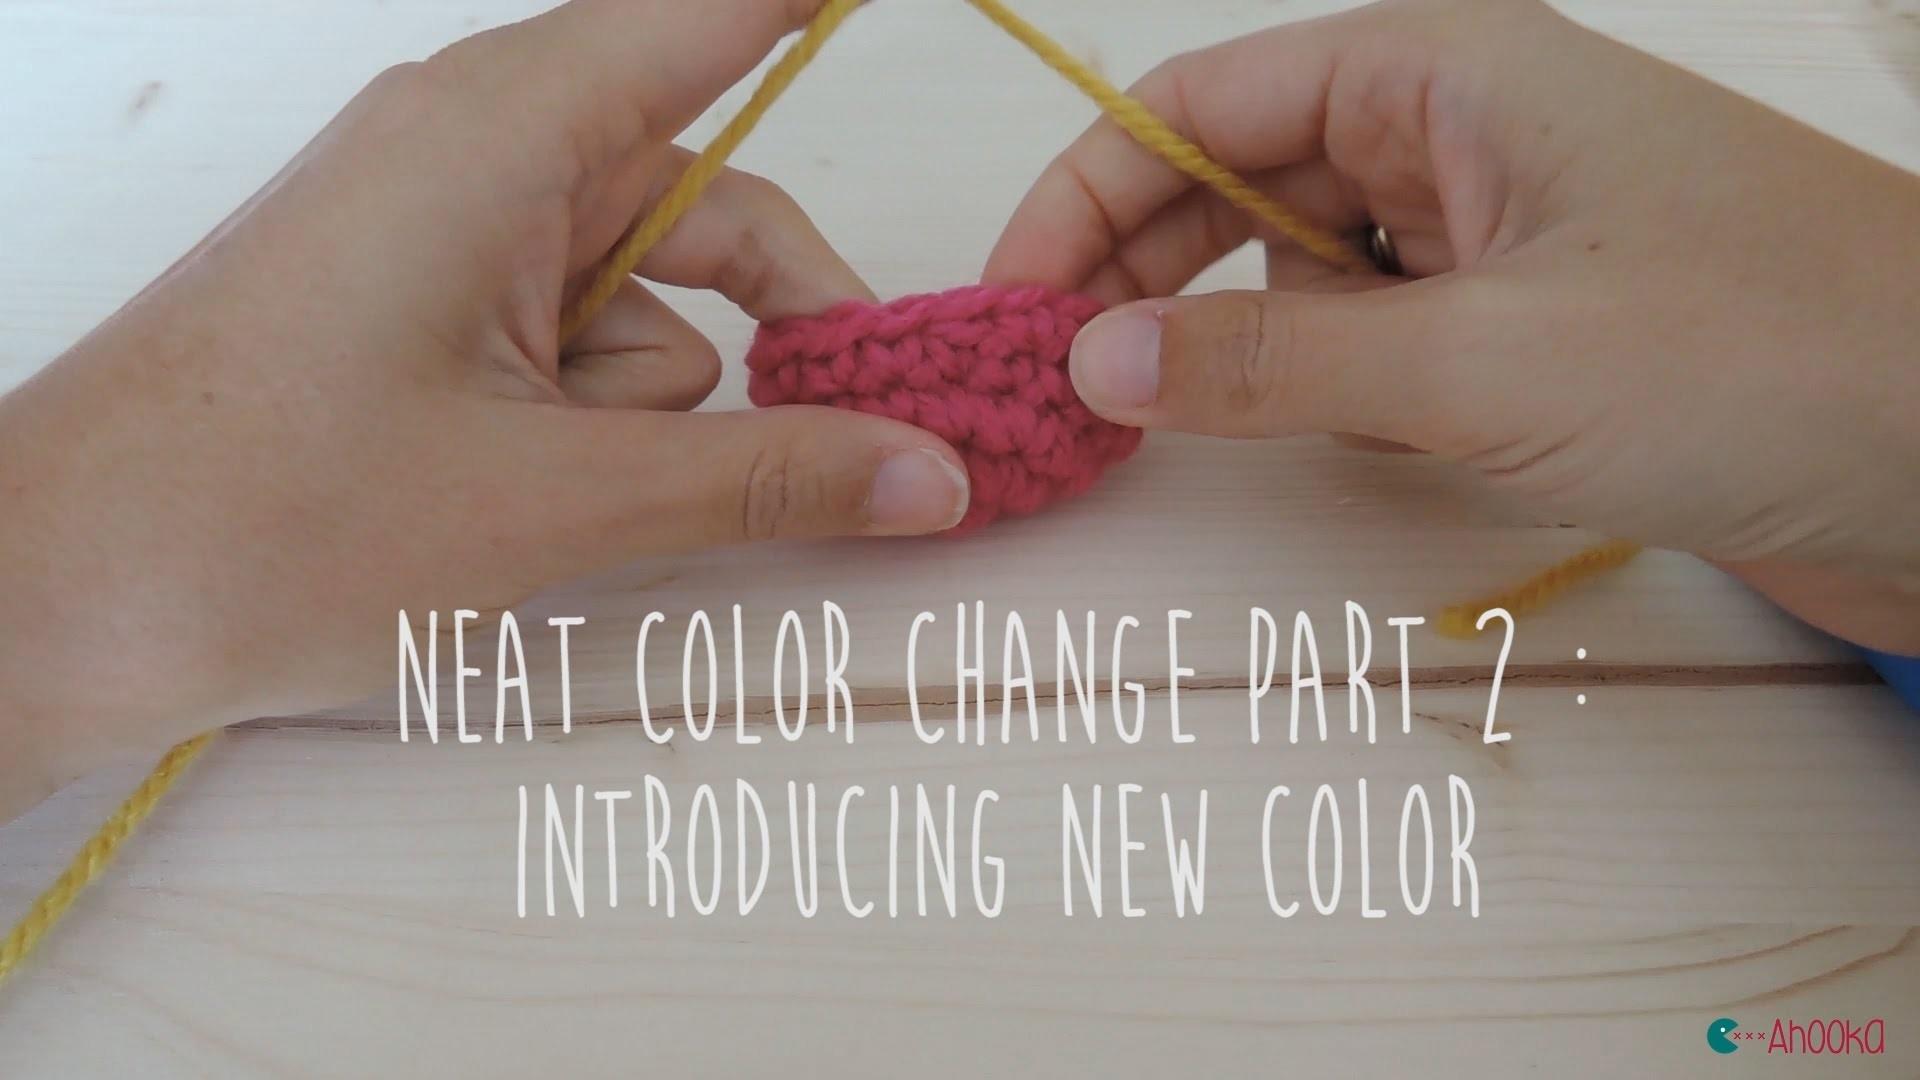 Neat color change part 2. changement de couleur invisible p2